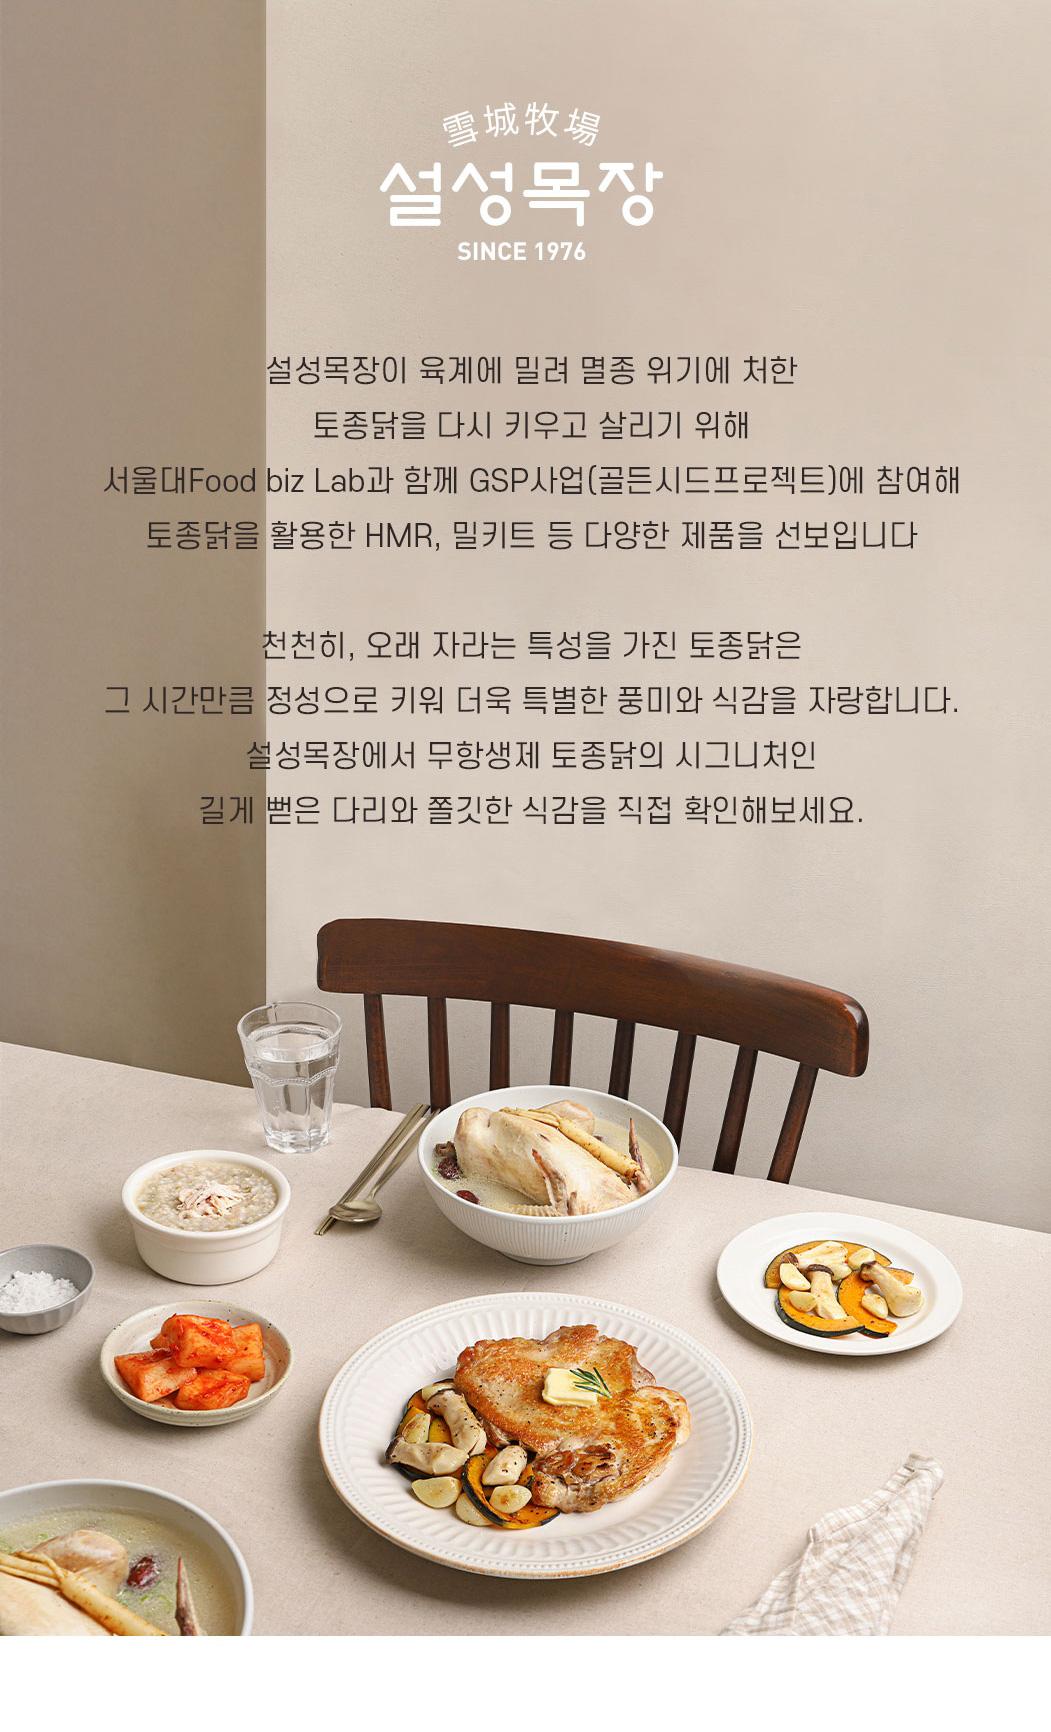 0712_설성목장_한협토종닭스테이크_상세_07.jpg